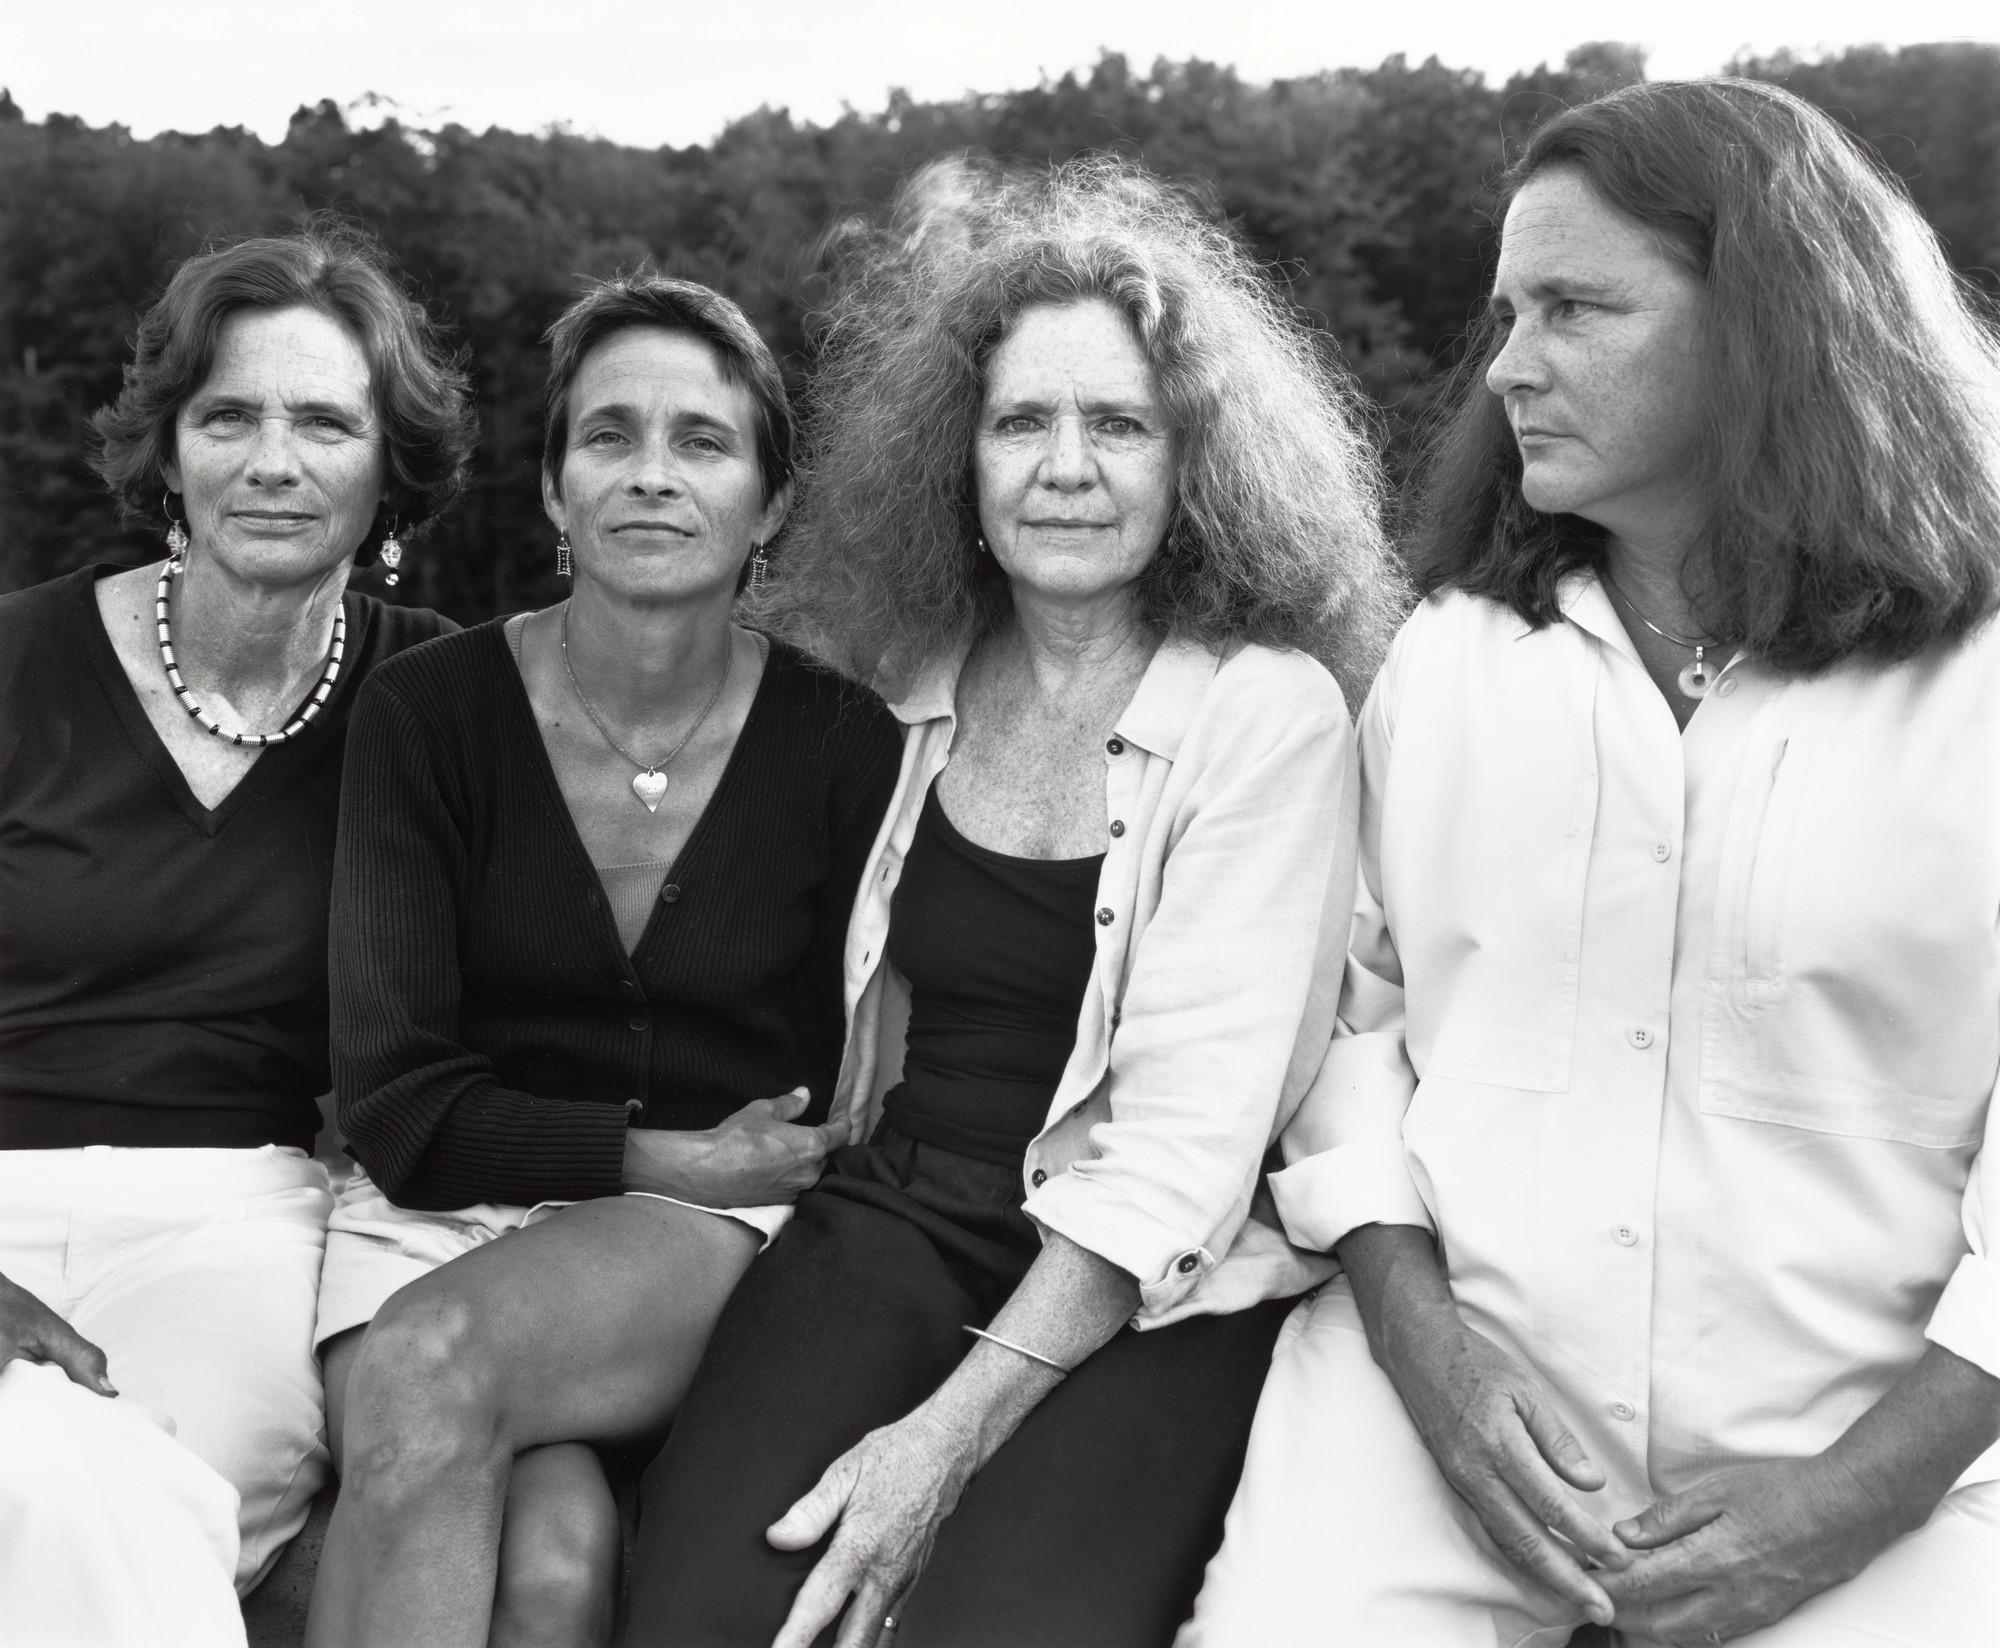 Nicholas Nixon. The Brown Sisters, Wellesley College. 2006 | MoMA